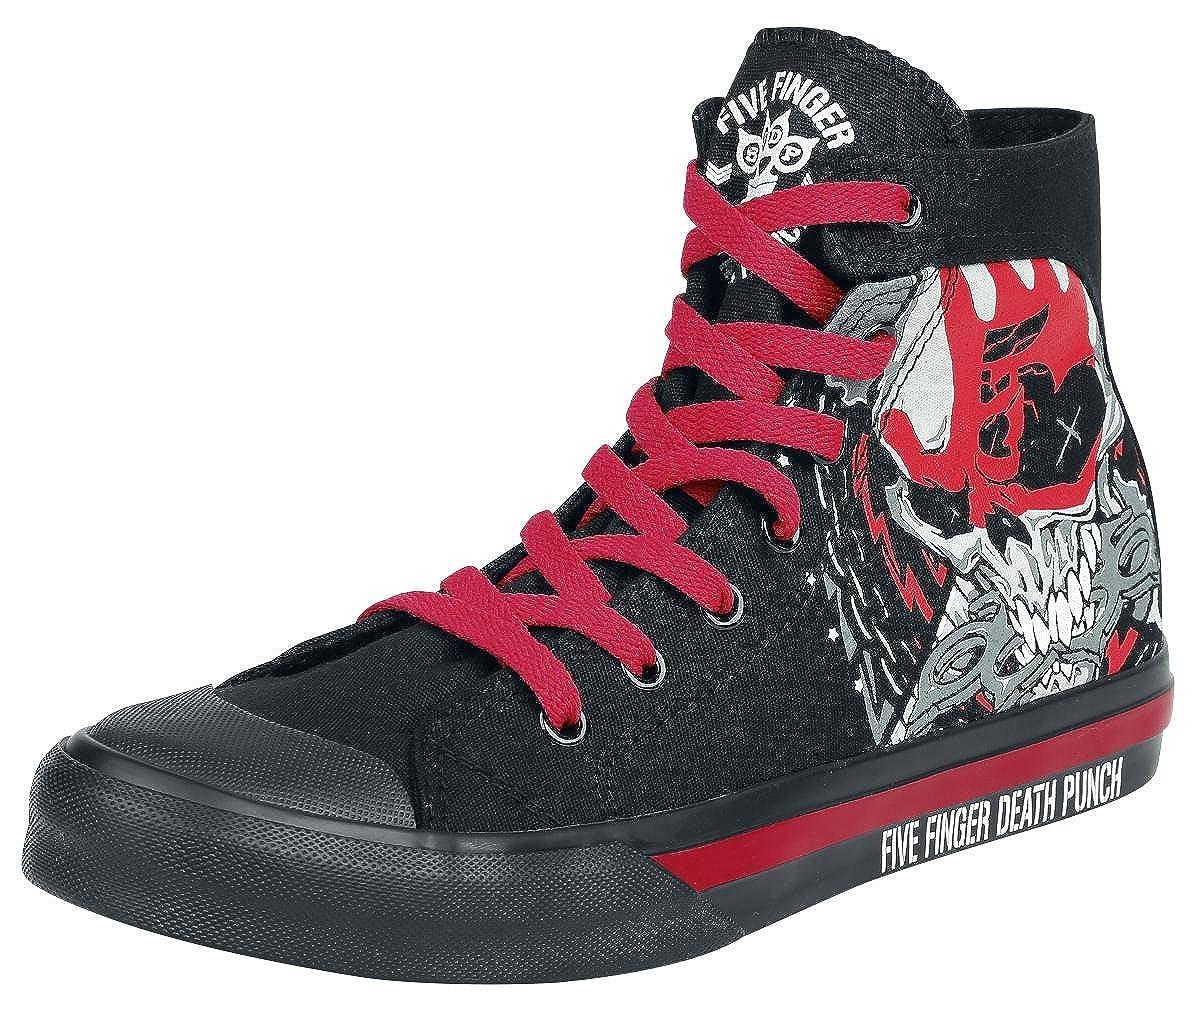 Five Finger Death Punch Zombie Kill Zapatillas Negro EU47: Amazon.es: Zapatos y complementos